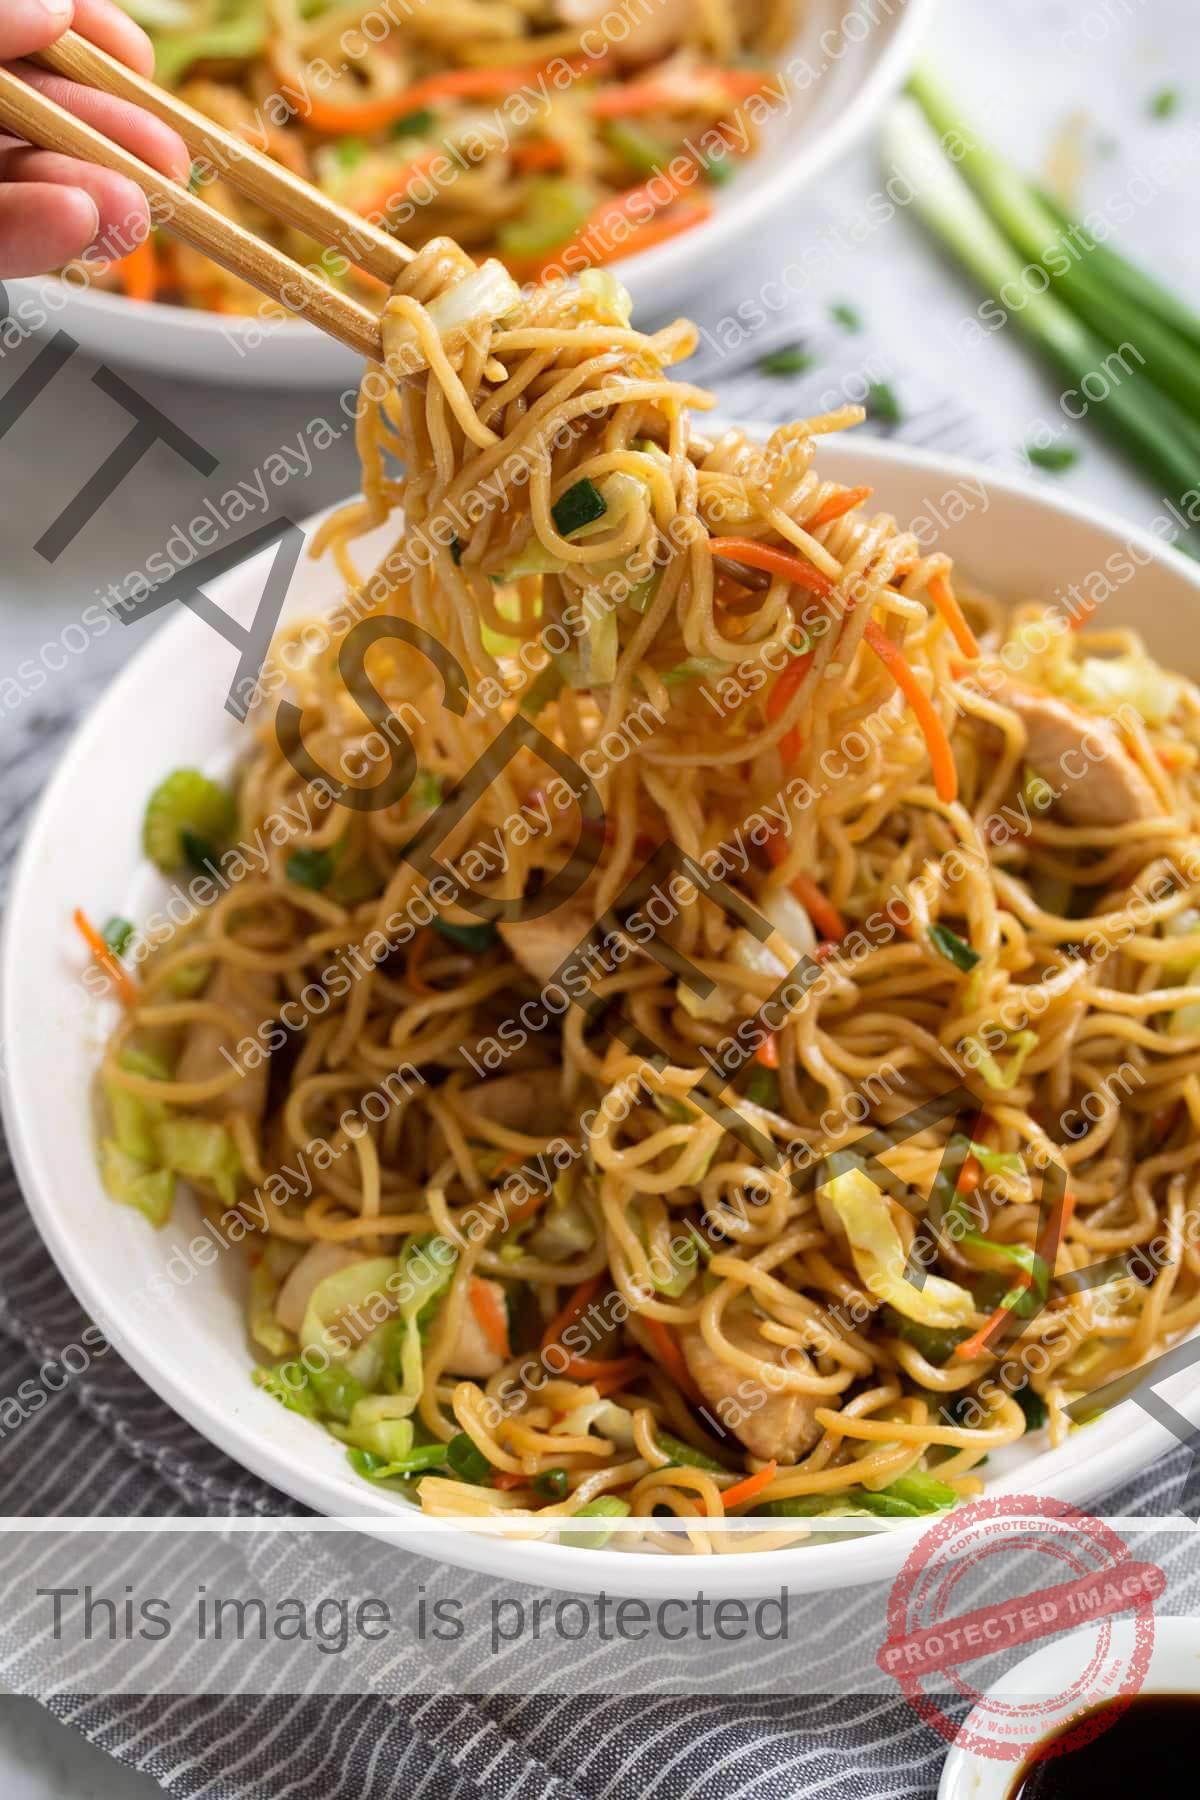 Cavando el chow mein con palillos.